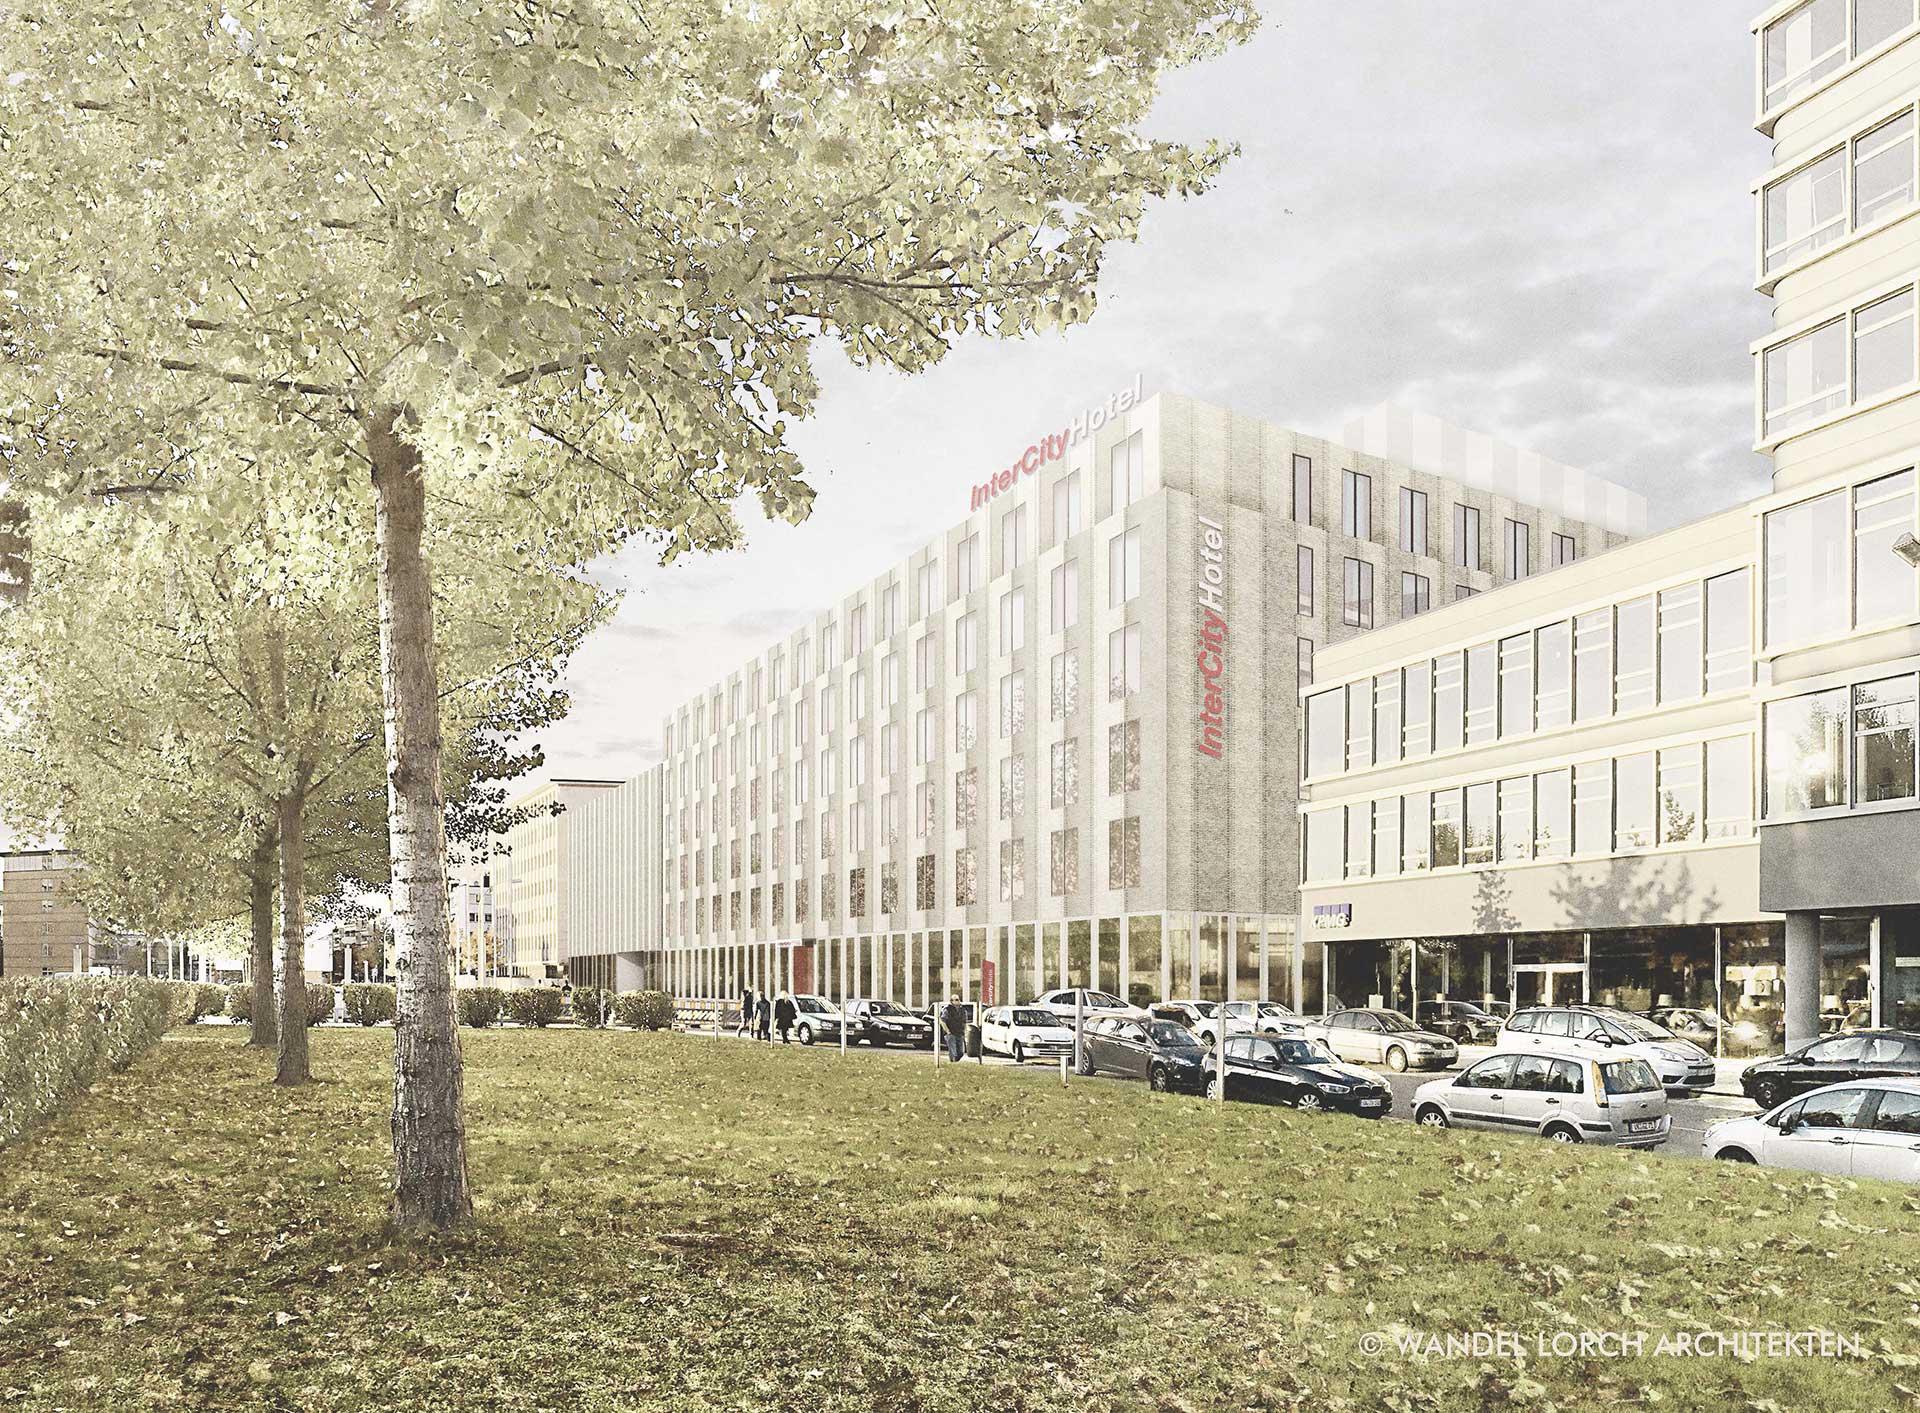 Neubau IntercityHotel mit Parkhaus Hafenstraße Saarbrücken